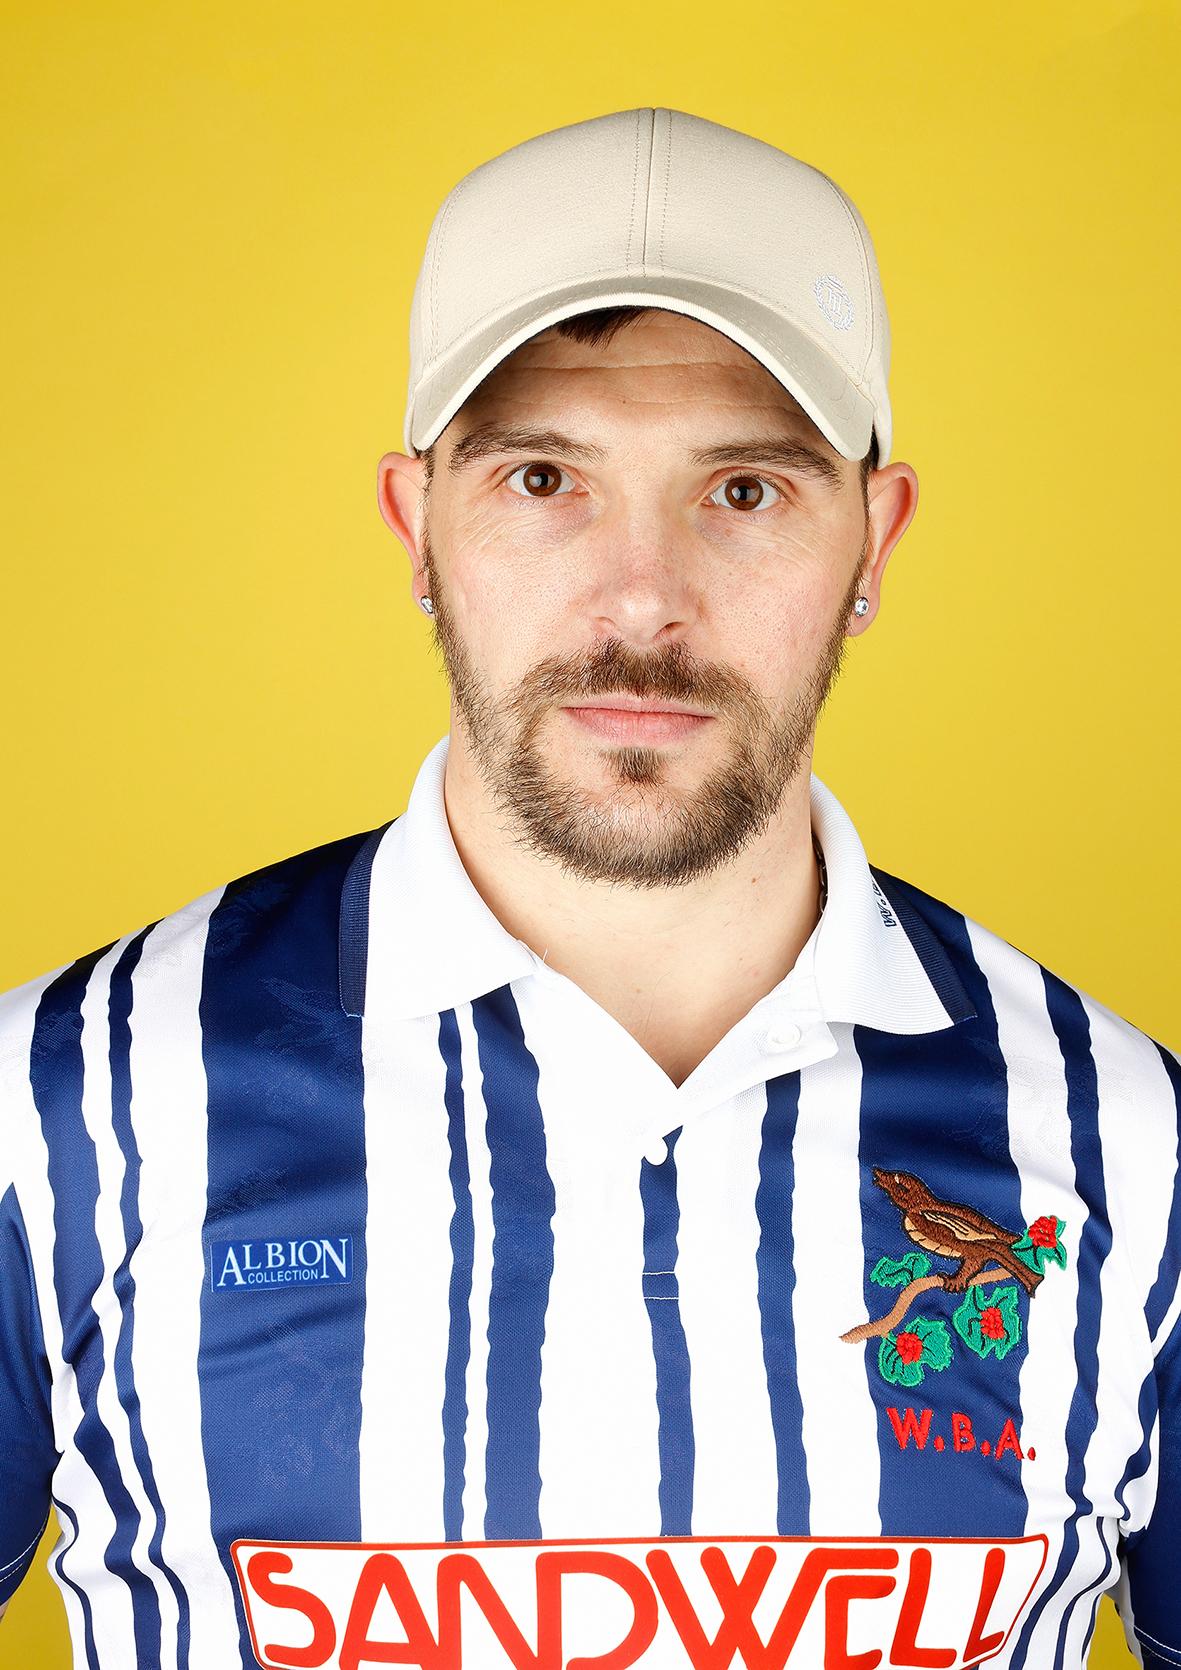 Shaun Langford